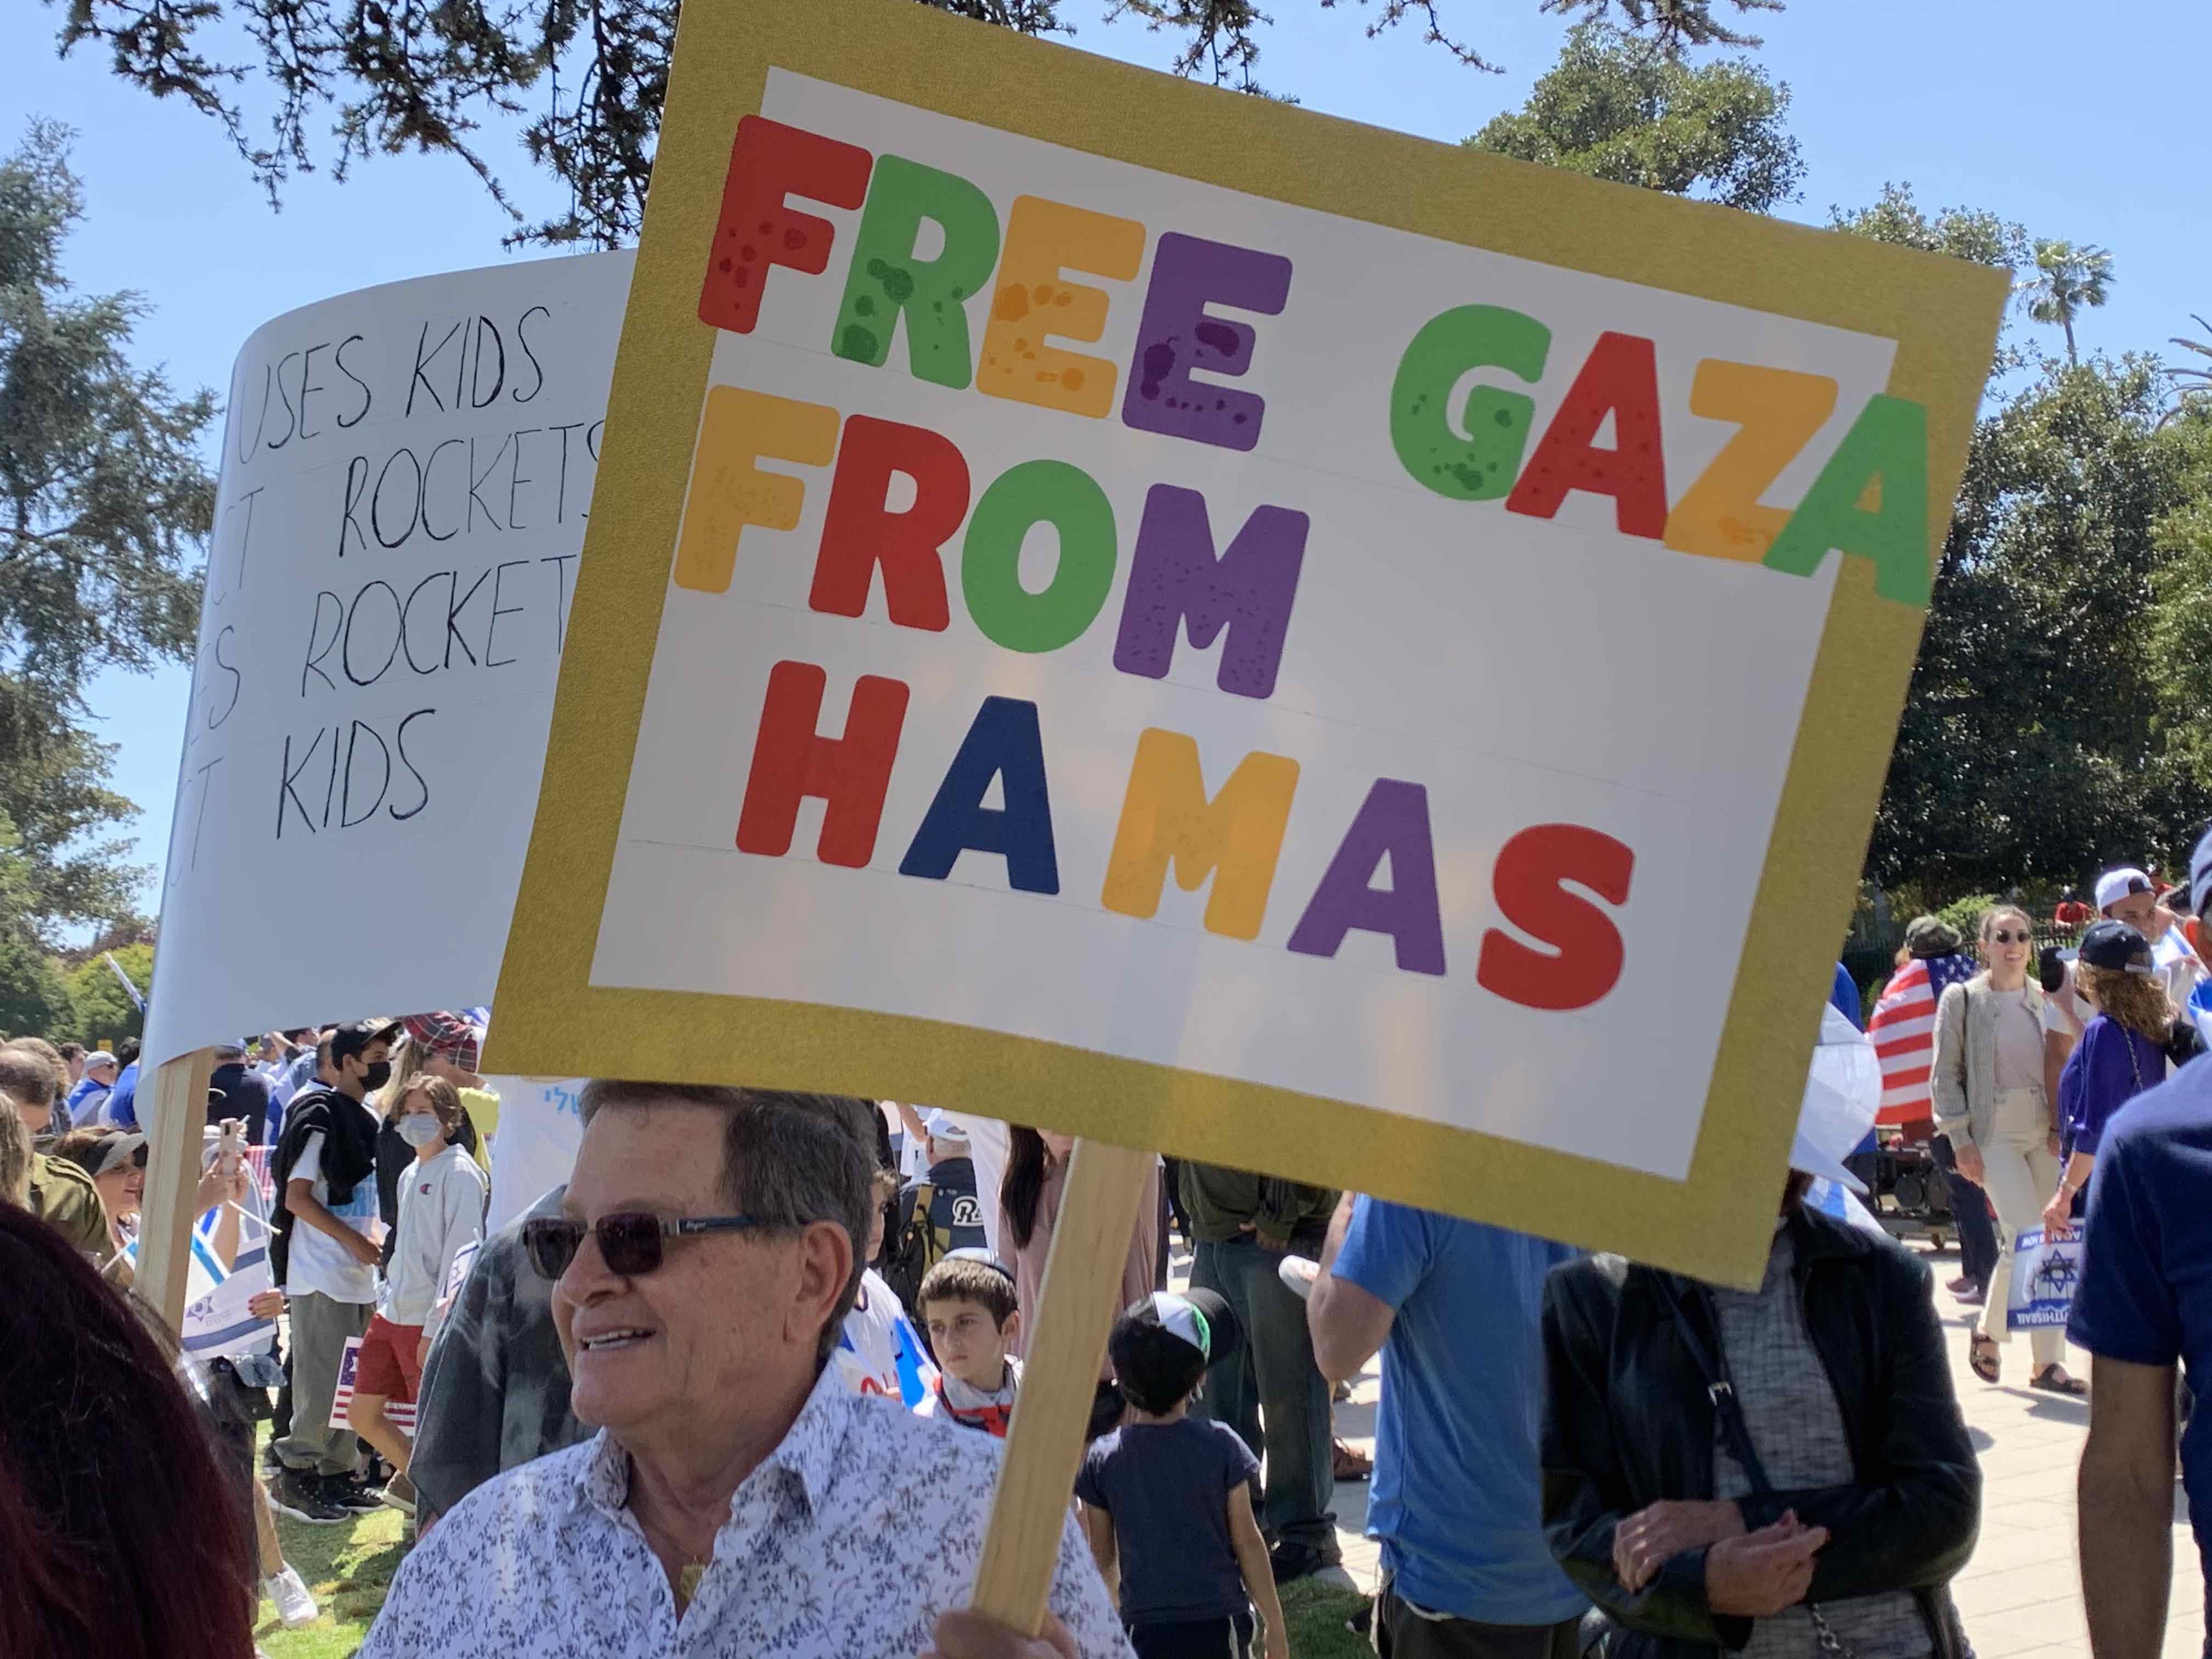 Free Gaza at pro-Israel rally (Joel Pollak)